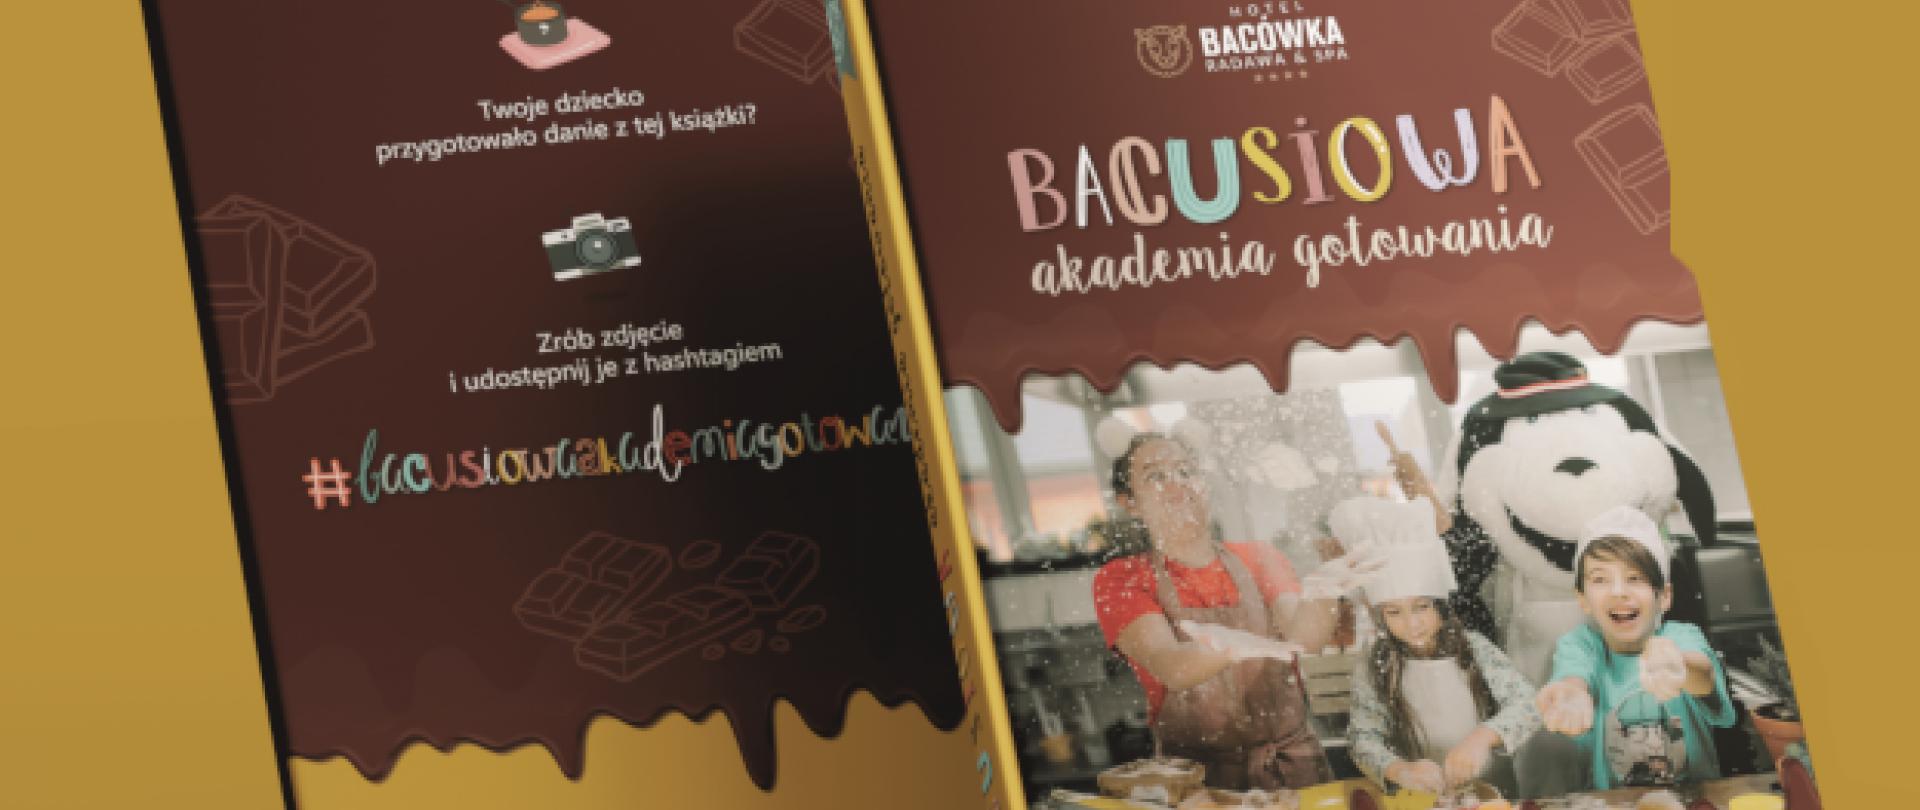 Bacusiowa Akademia Gotowania - książka kucharska już do kupienia!